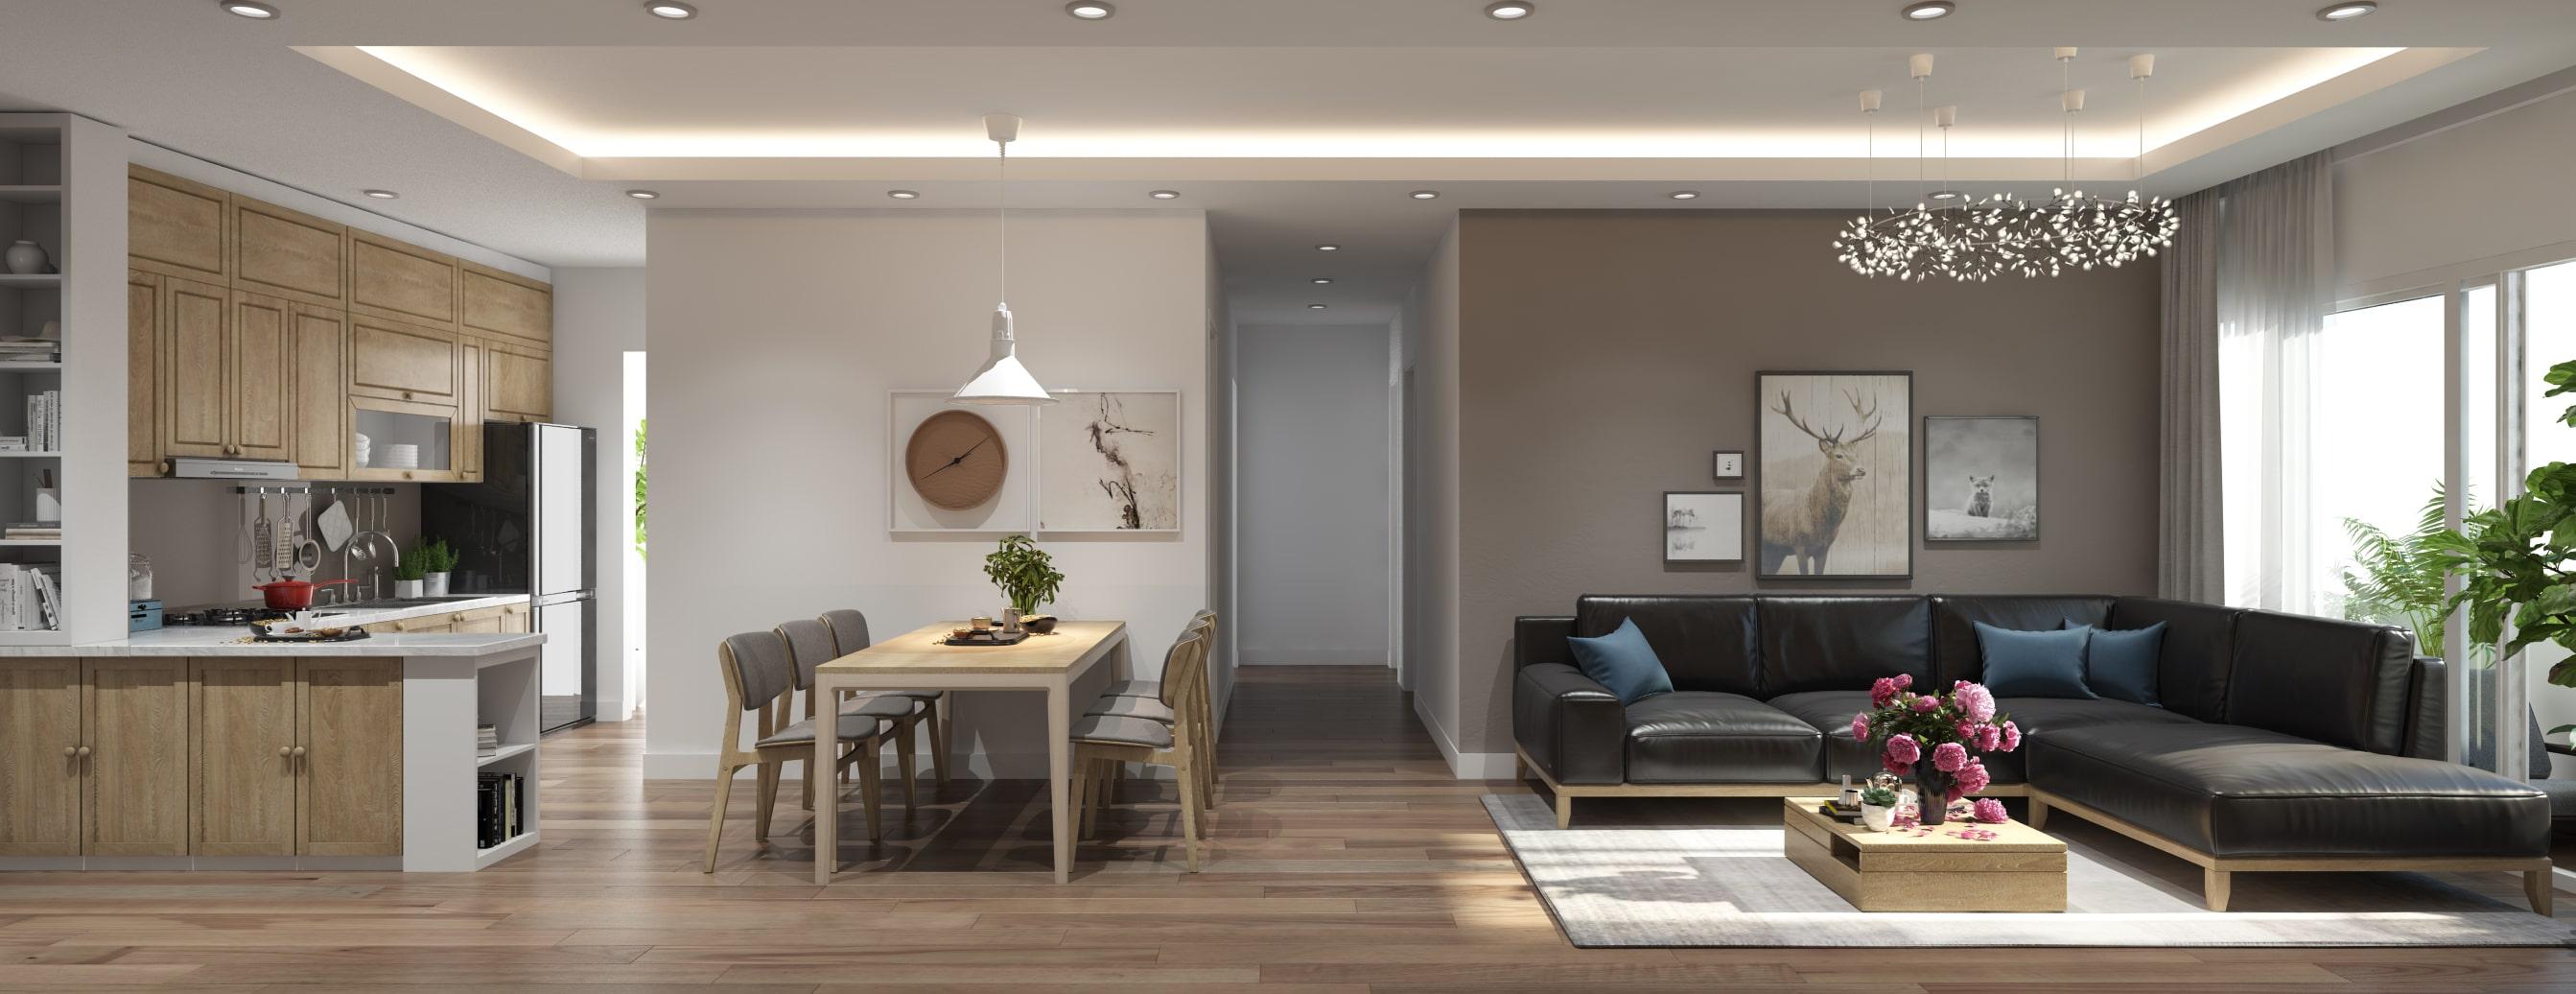 Thiết kế phòng bếp liền phòng khách căn hộ chung cư gia đình chị Lan